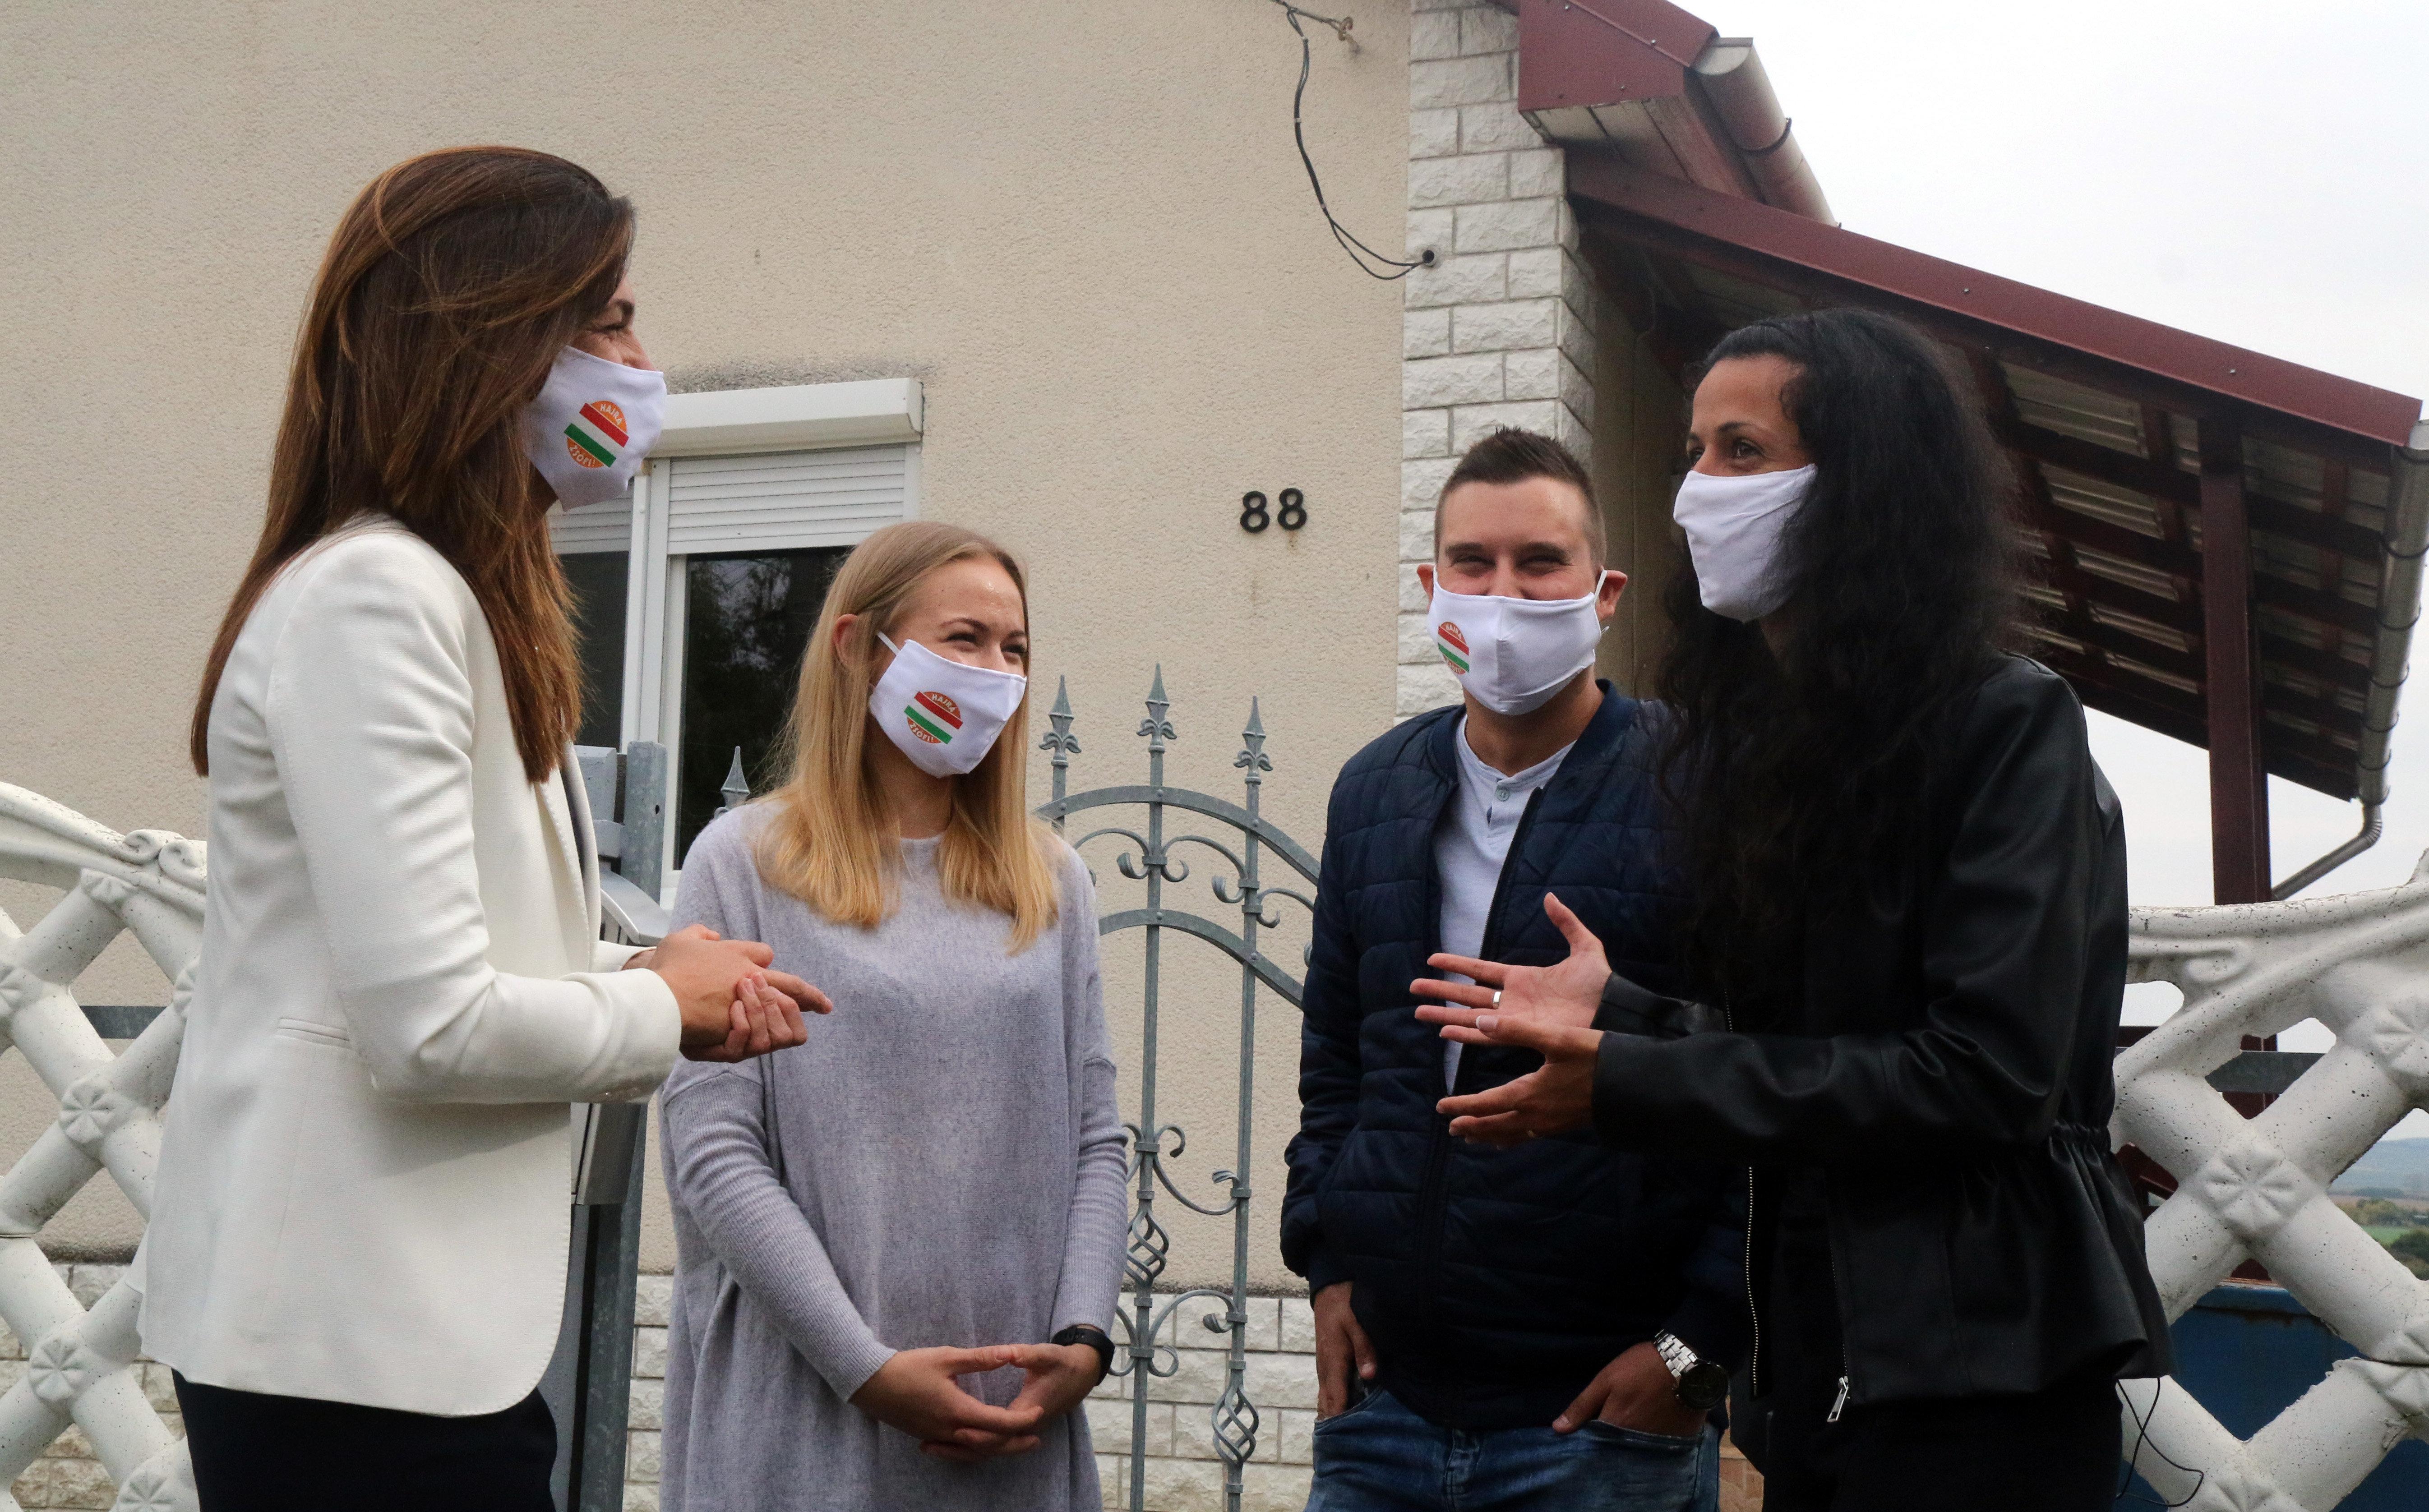 Jobban mozgósított a Fidesz, mint a teljes ellenzék Borsodban